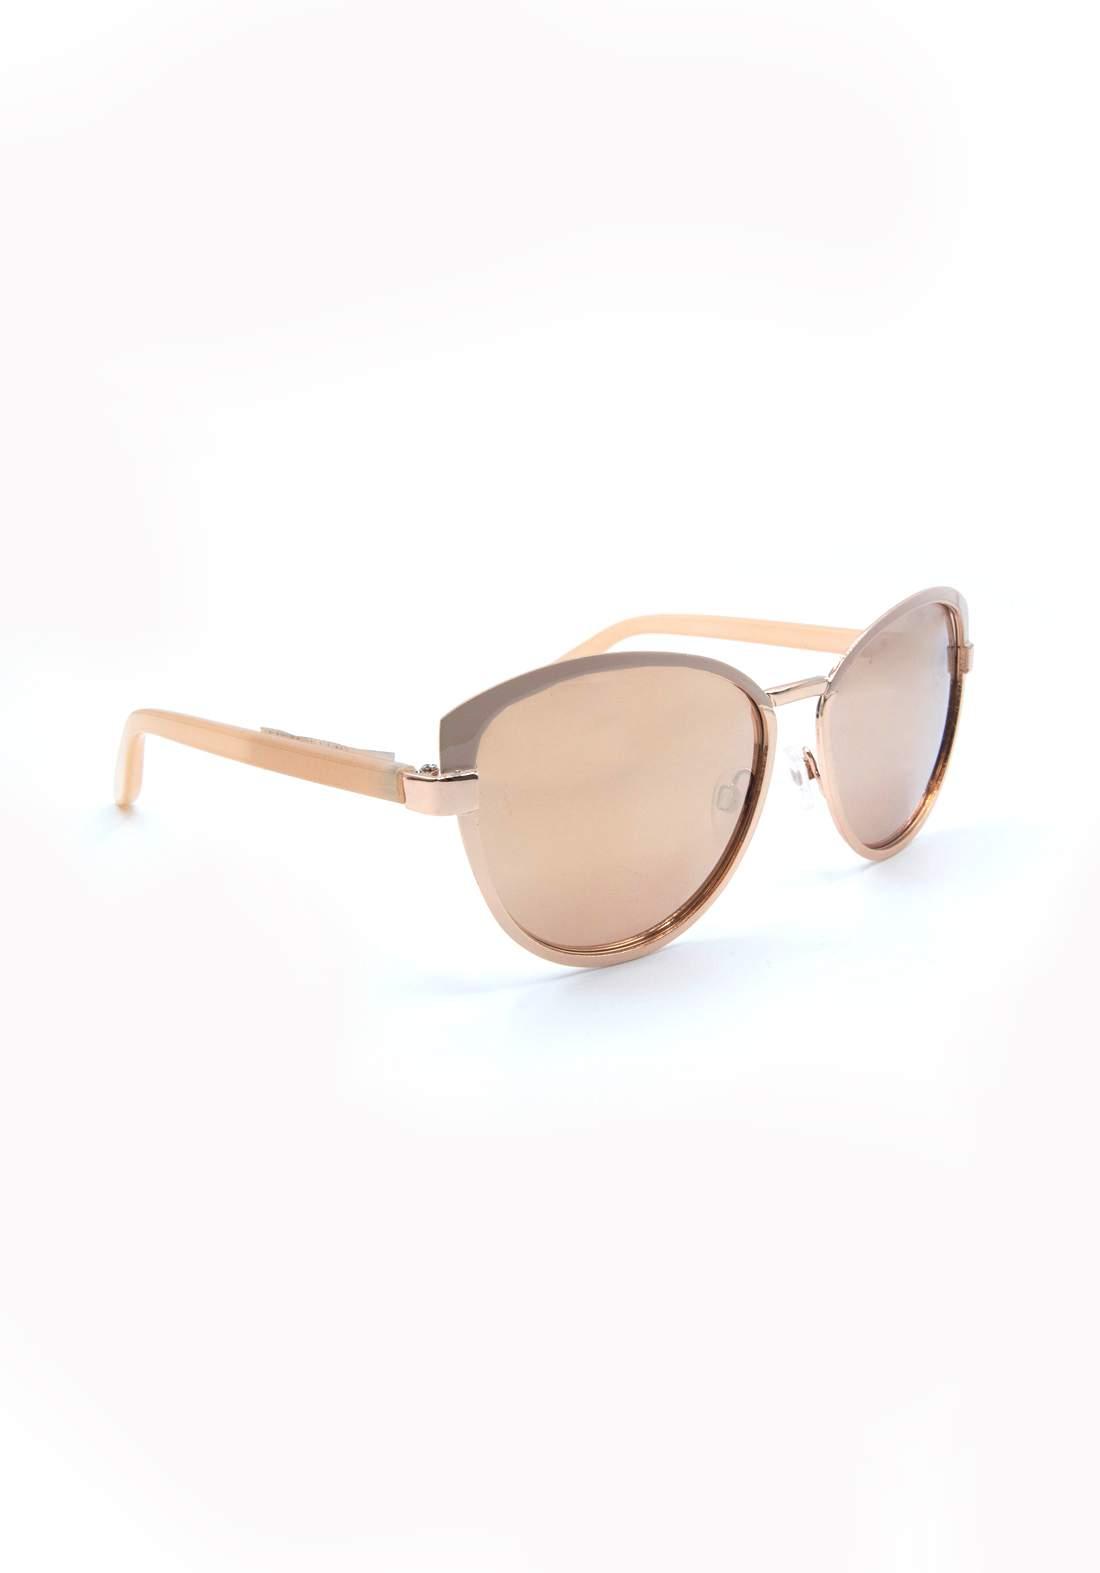 نظارة شمسية نسائية بأطار وردي اللون